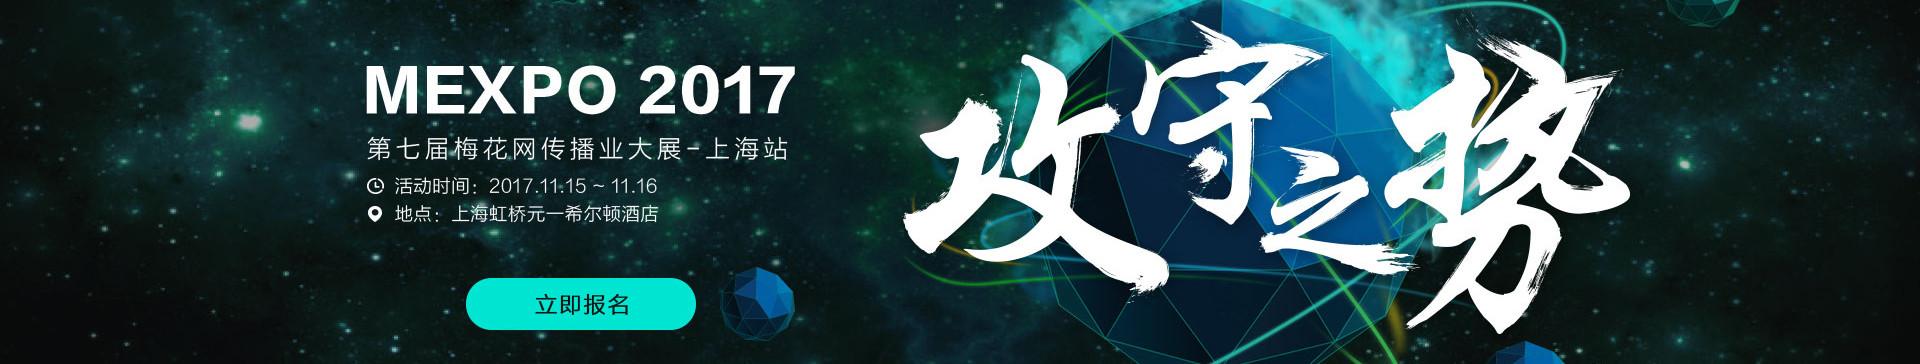 2017第七届梅花网传播业大展(MEXPO)